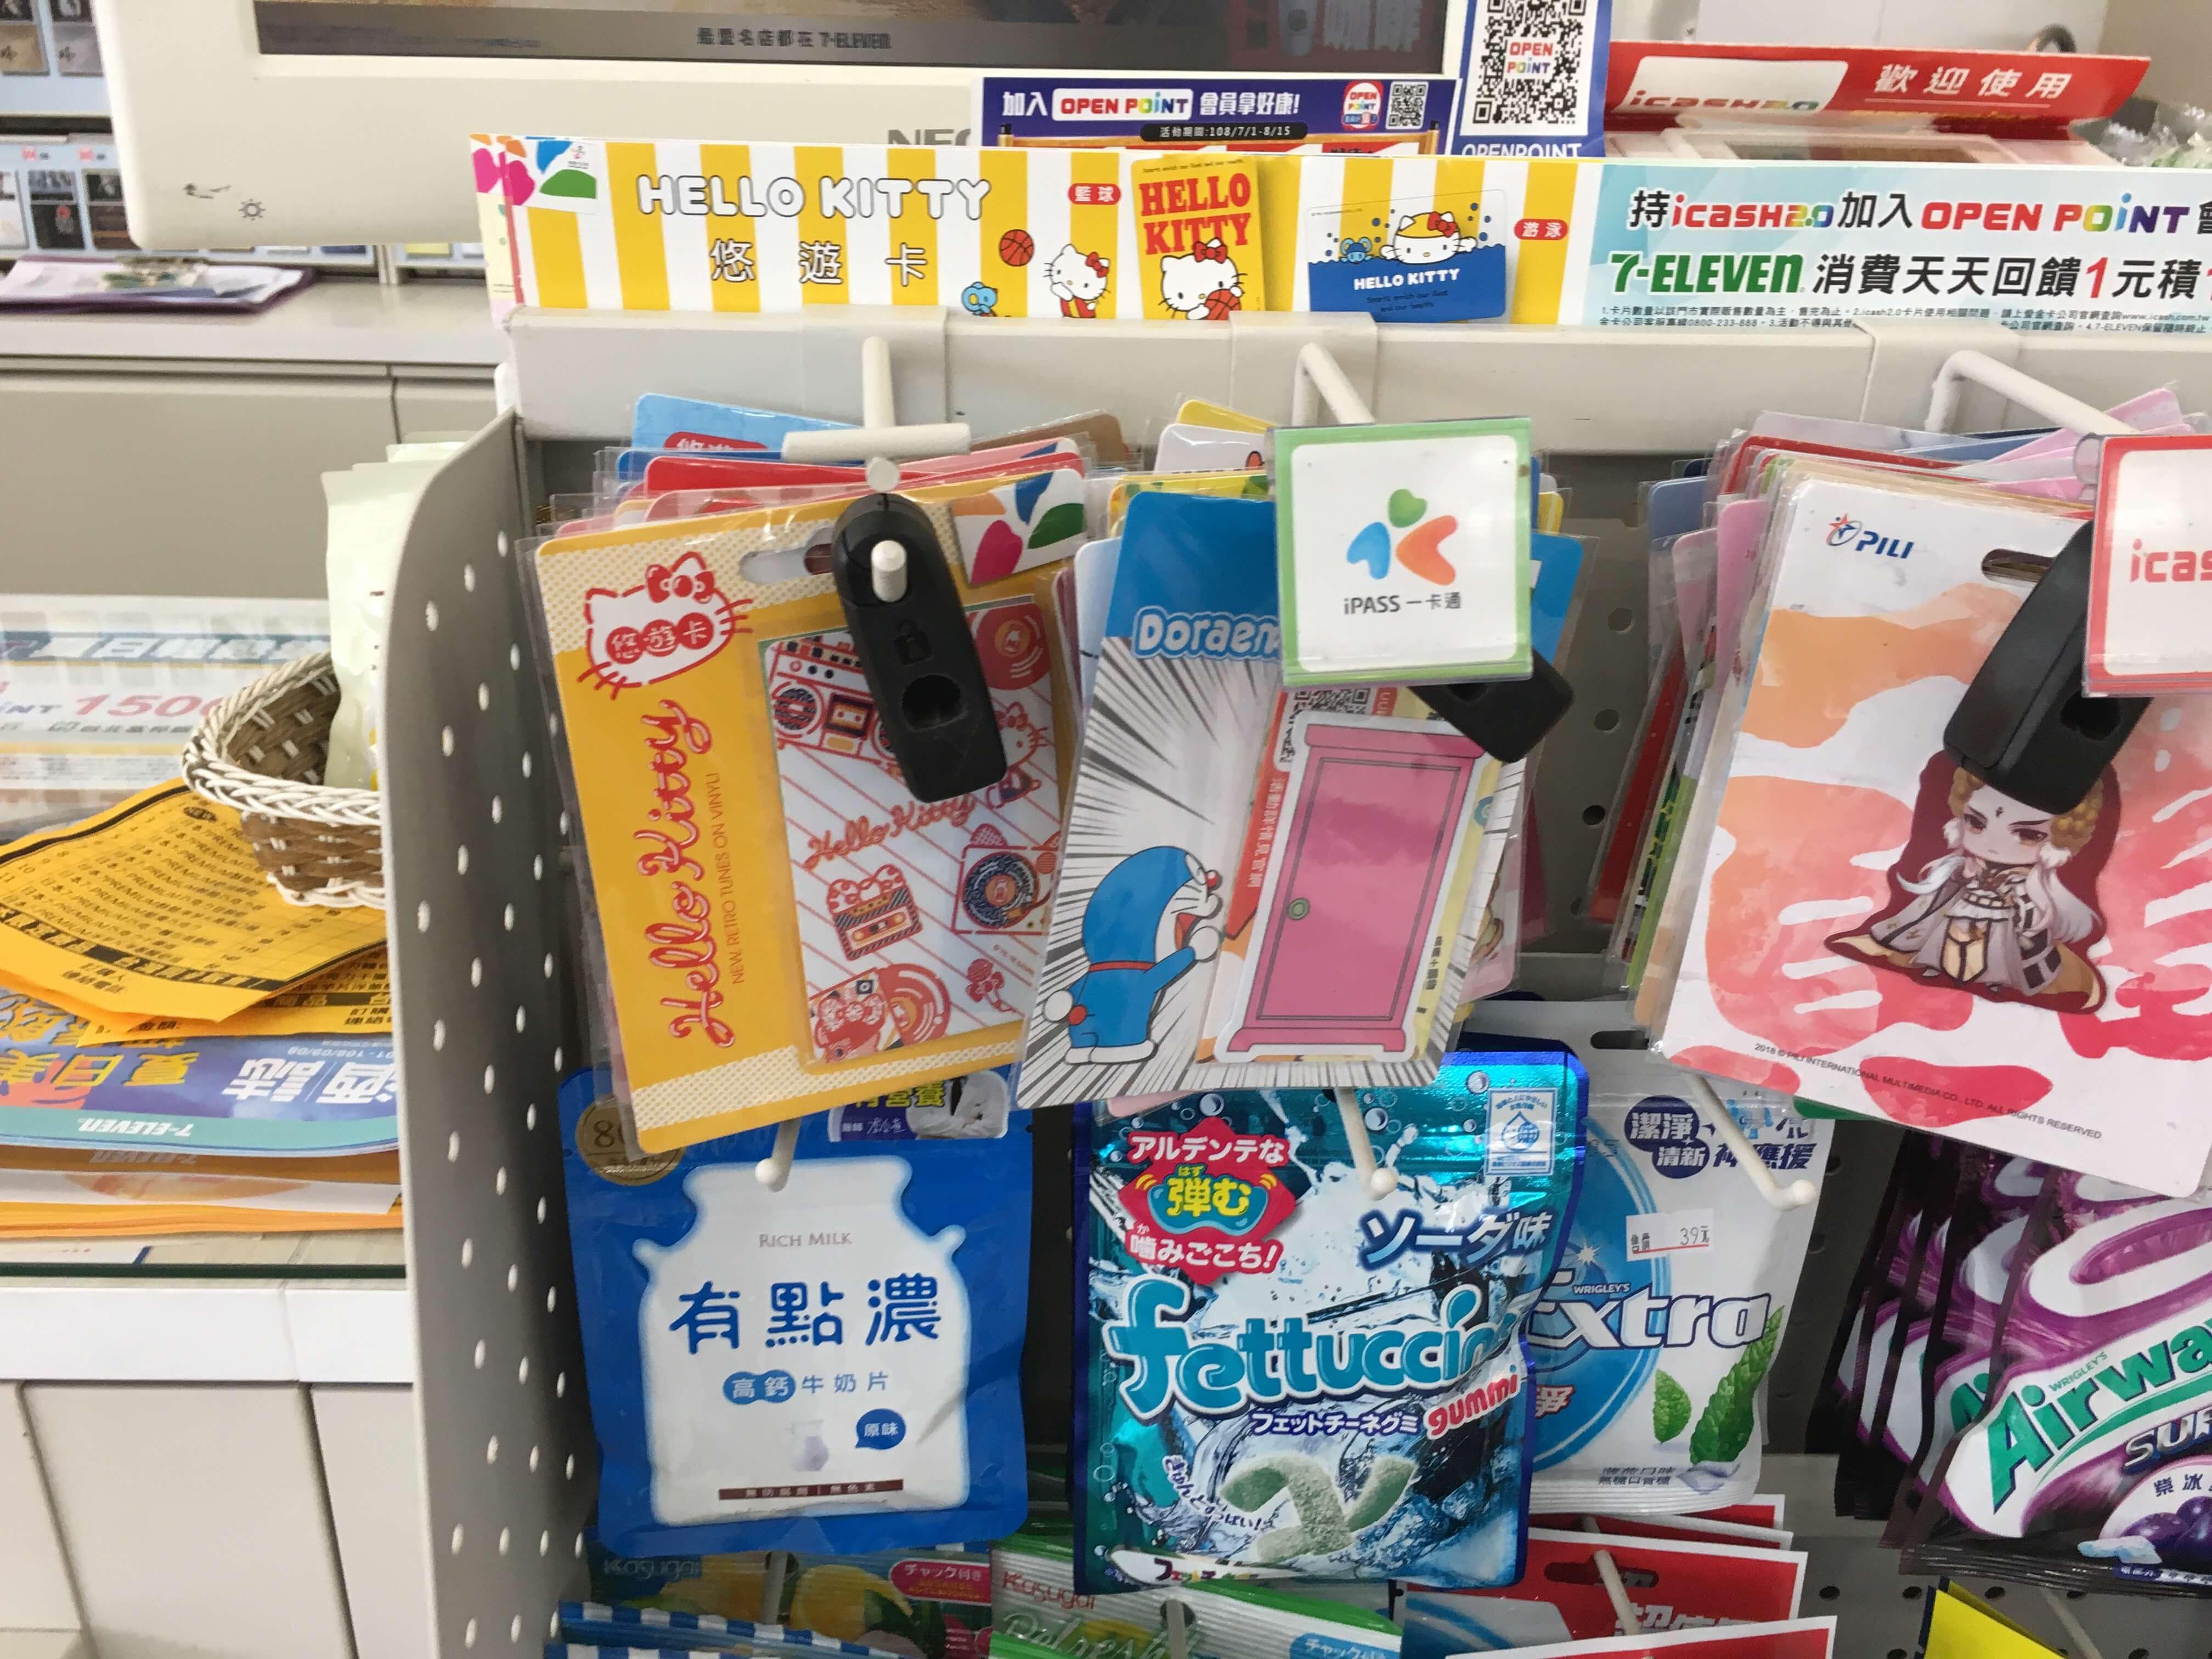 悠遊カード・iPassはコンビニで購入できる